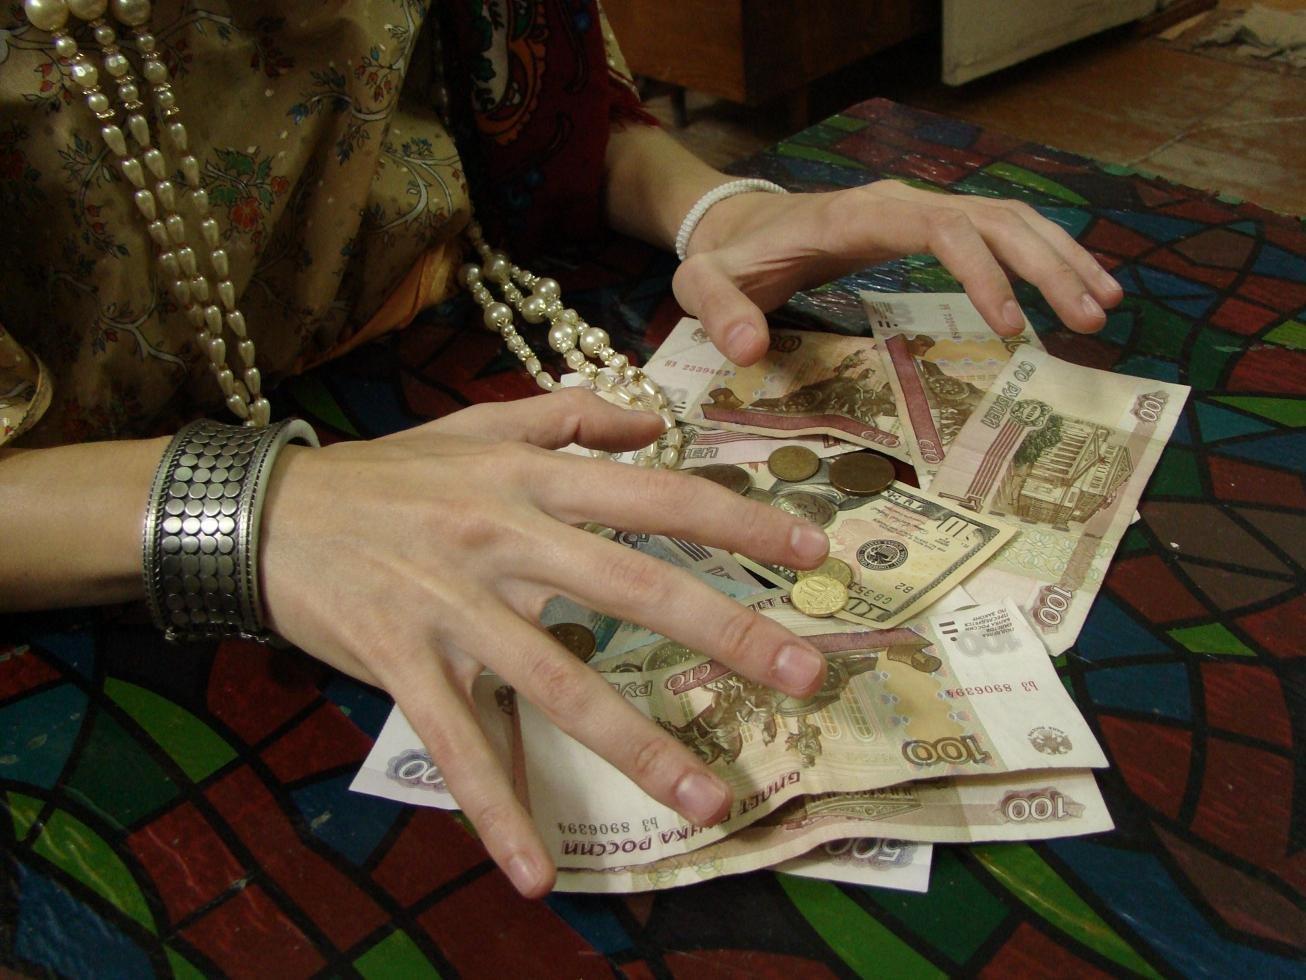 Гадание на игральных картах на деньги